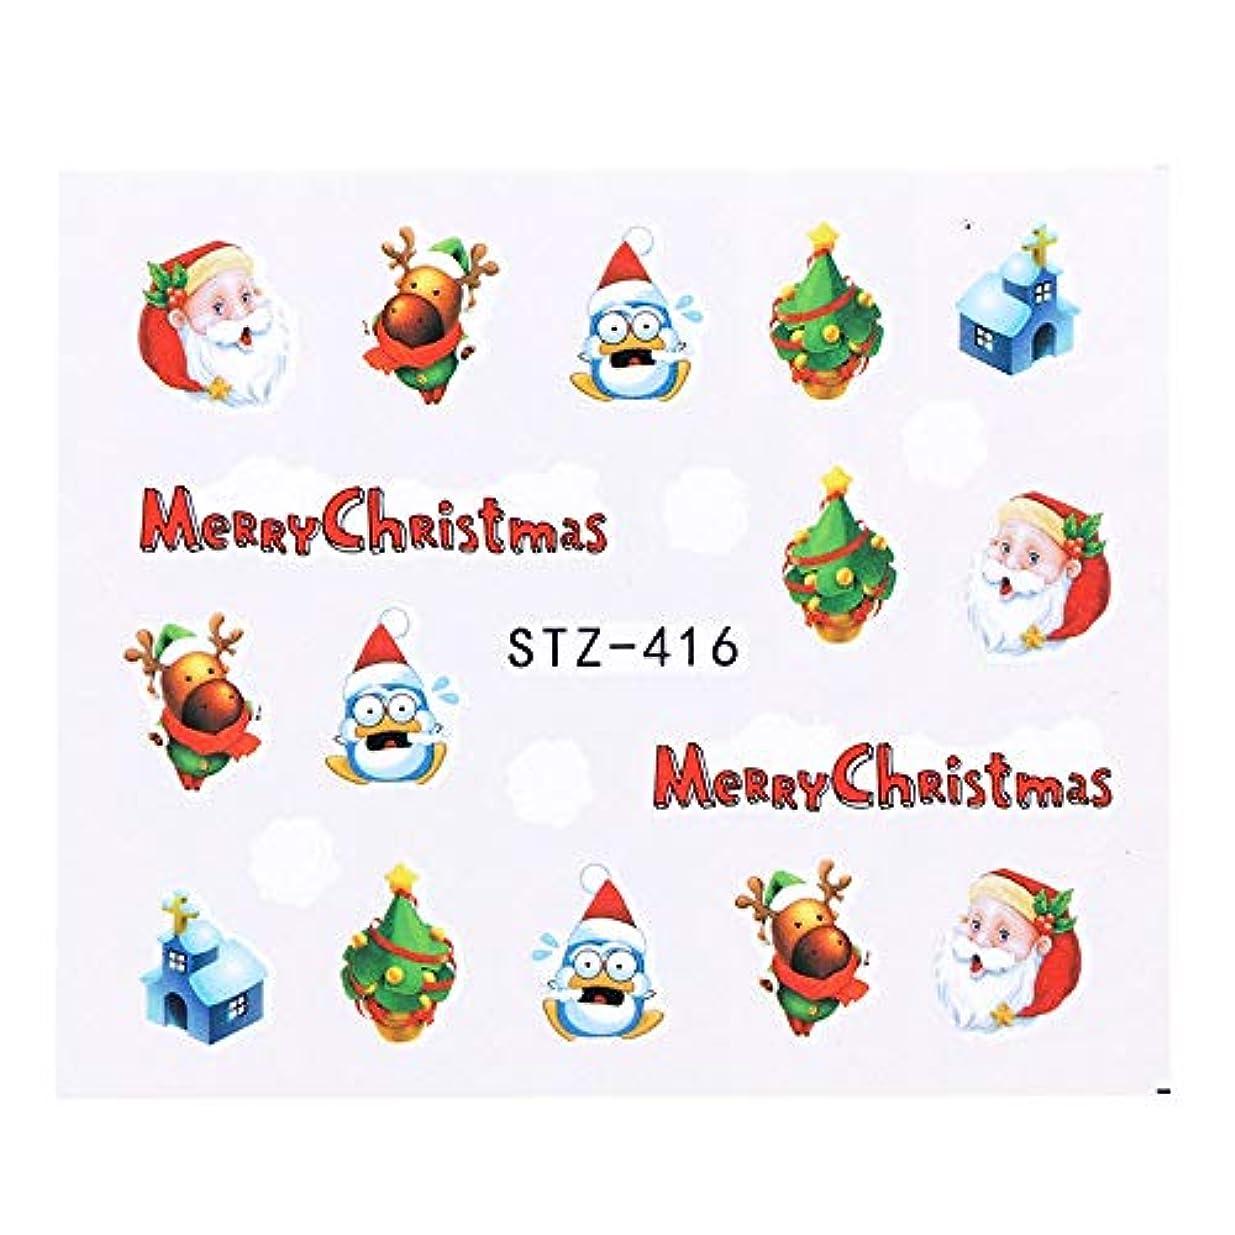 1シートクリスマスネイルアートウォーターステッカー漫画ヘラジカ雪だるまフルカバースライダーのヒントポーランドゲルジェルネイル装飾SASTZ405-438 STZ416